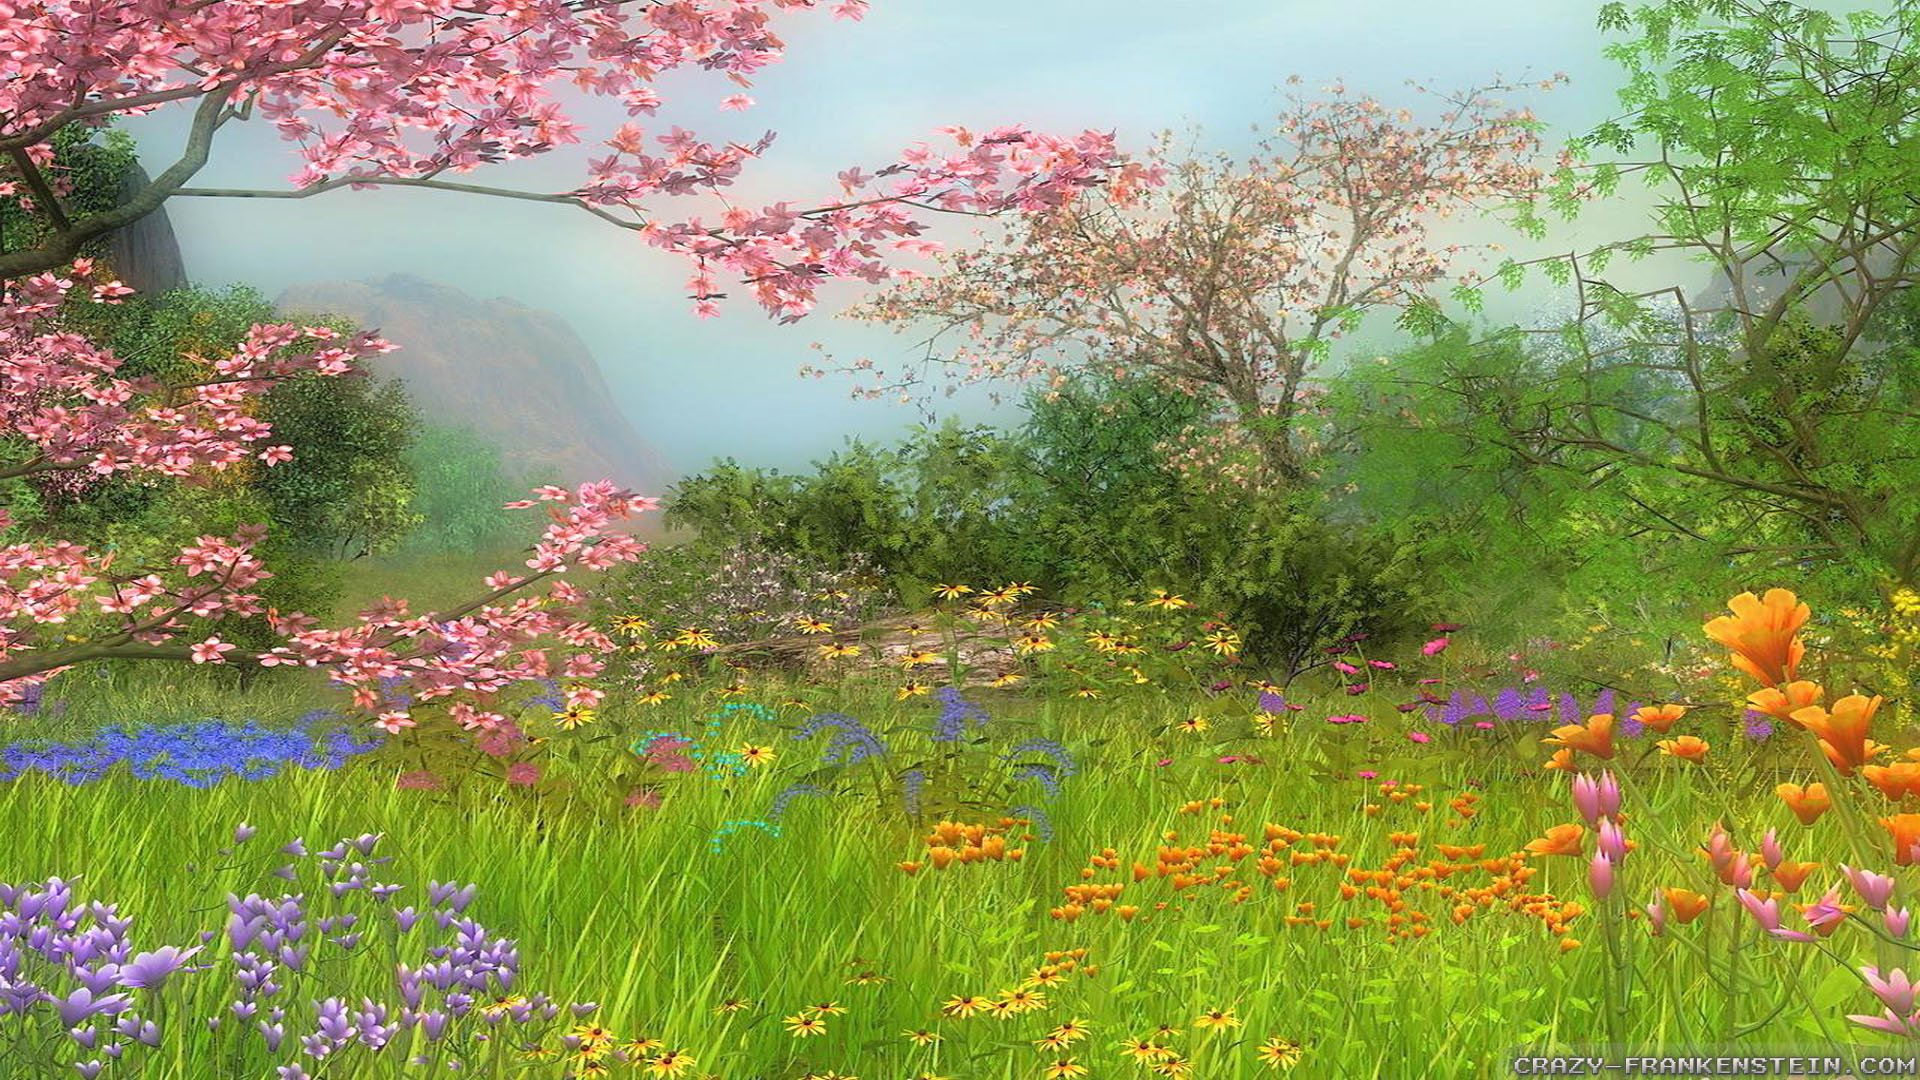 Spring Scene Wallpaper 1920x1080